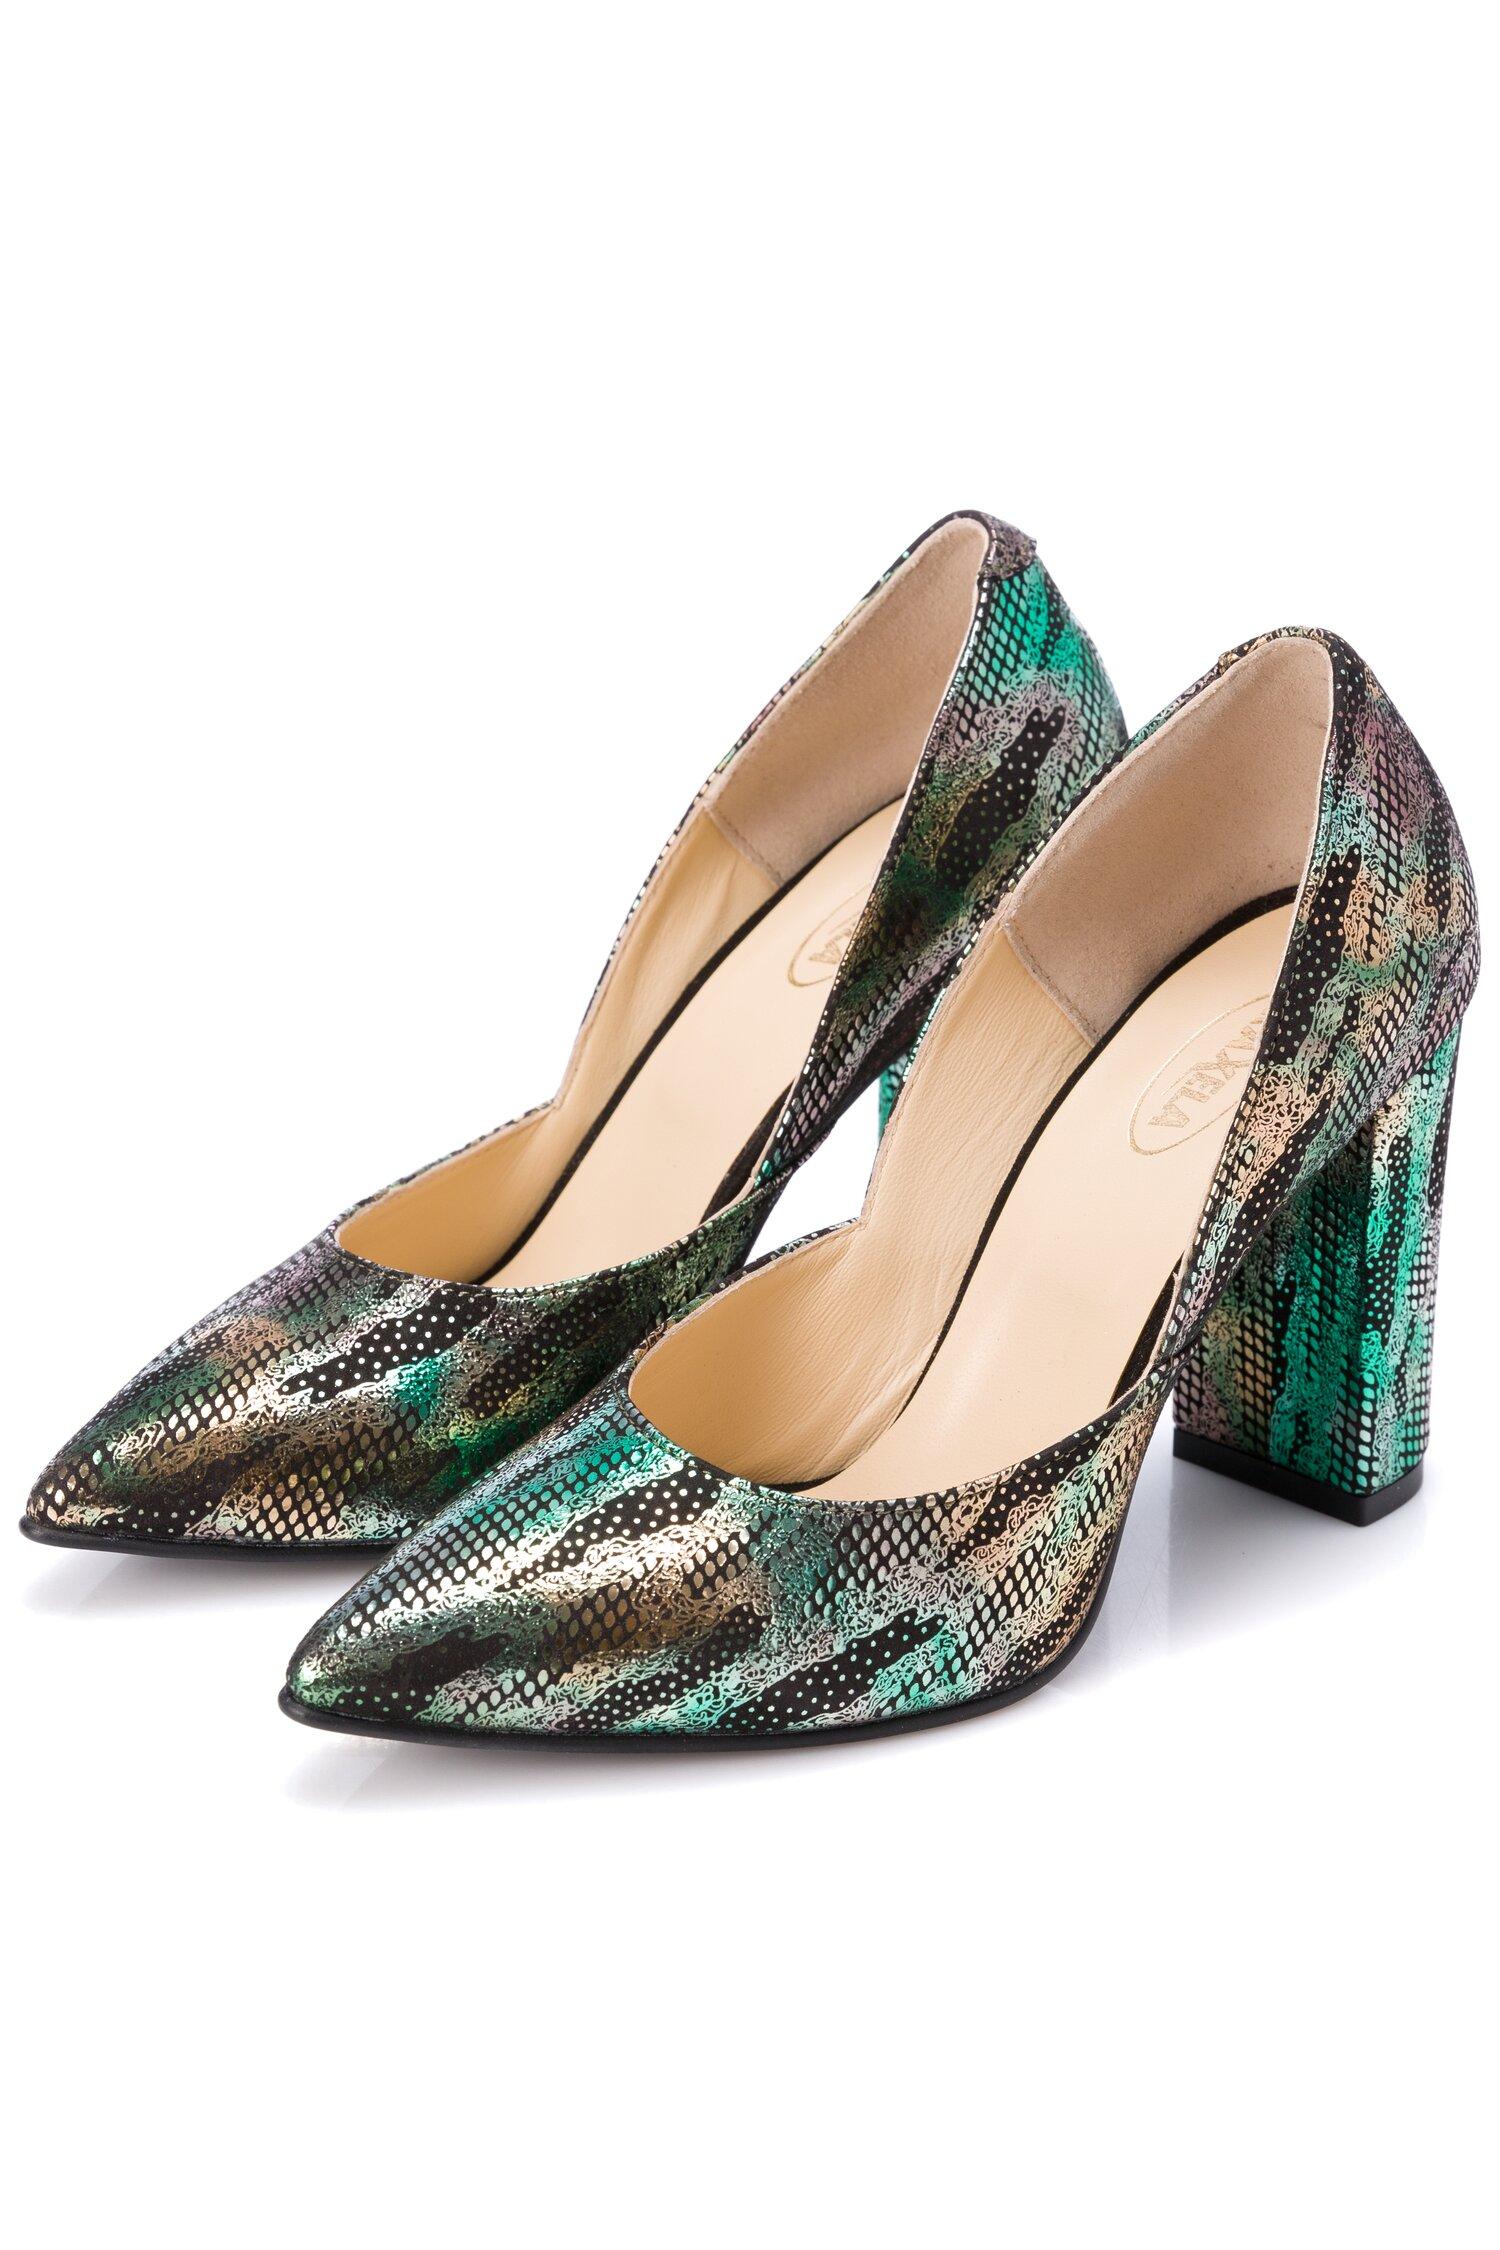 Pantofi negri cu imprimeu verde metalizat si design petrecut in laterale imagine